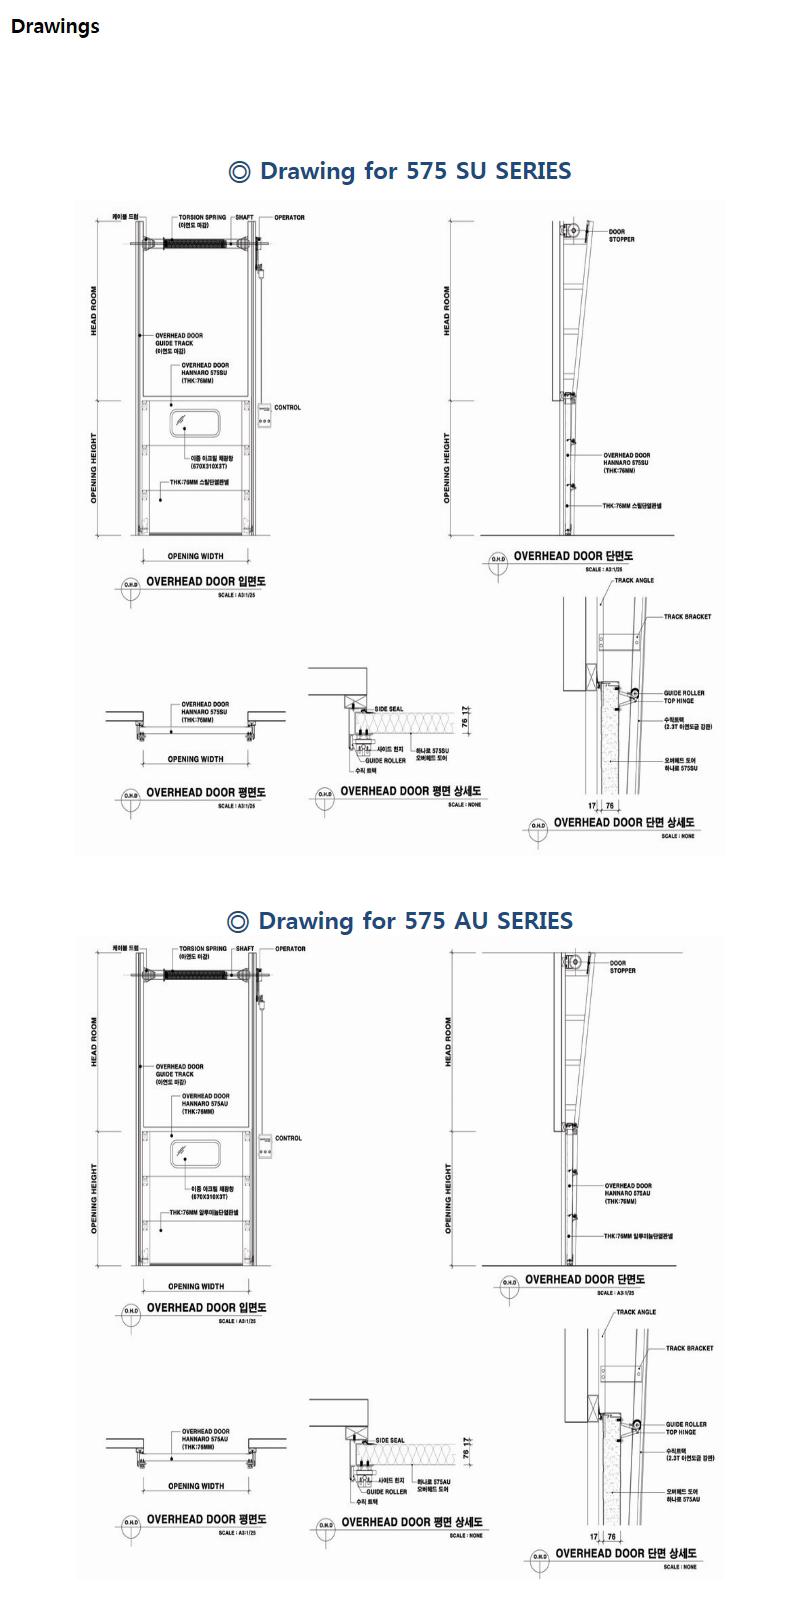 HANA DOOR Steel/AL. Type Overhead Door 575SU/AU 2